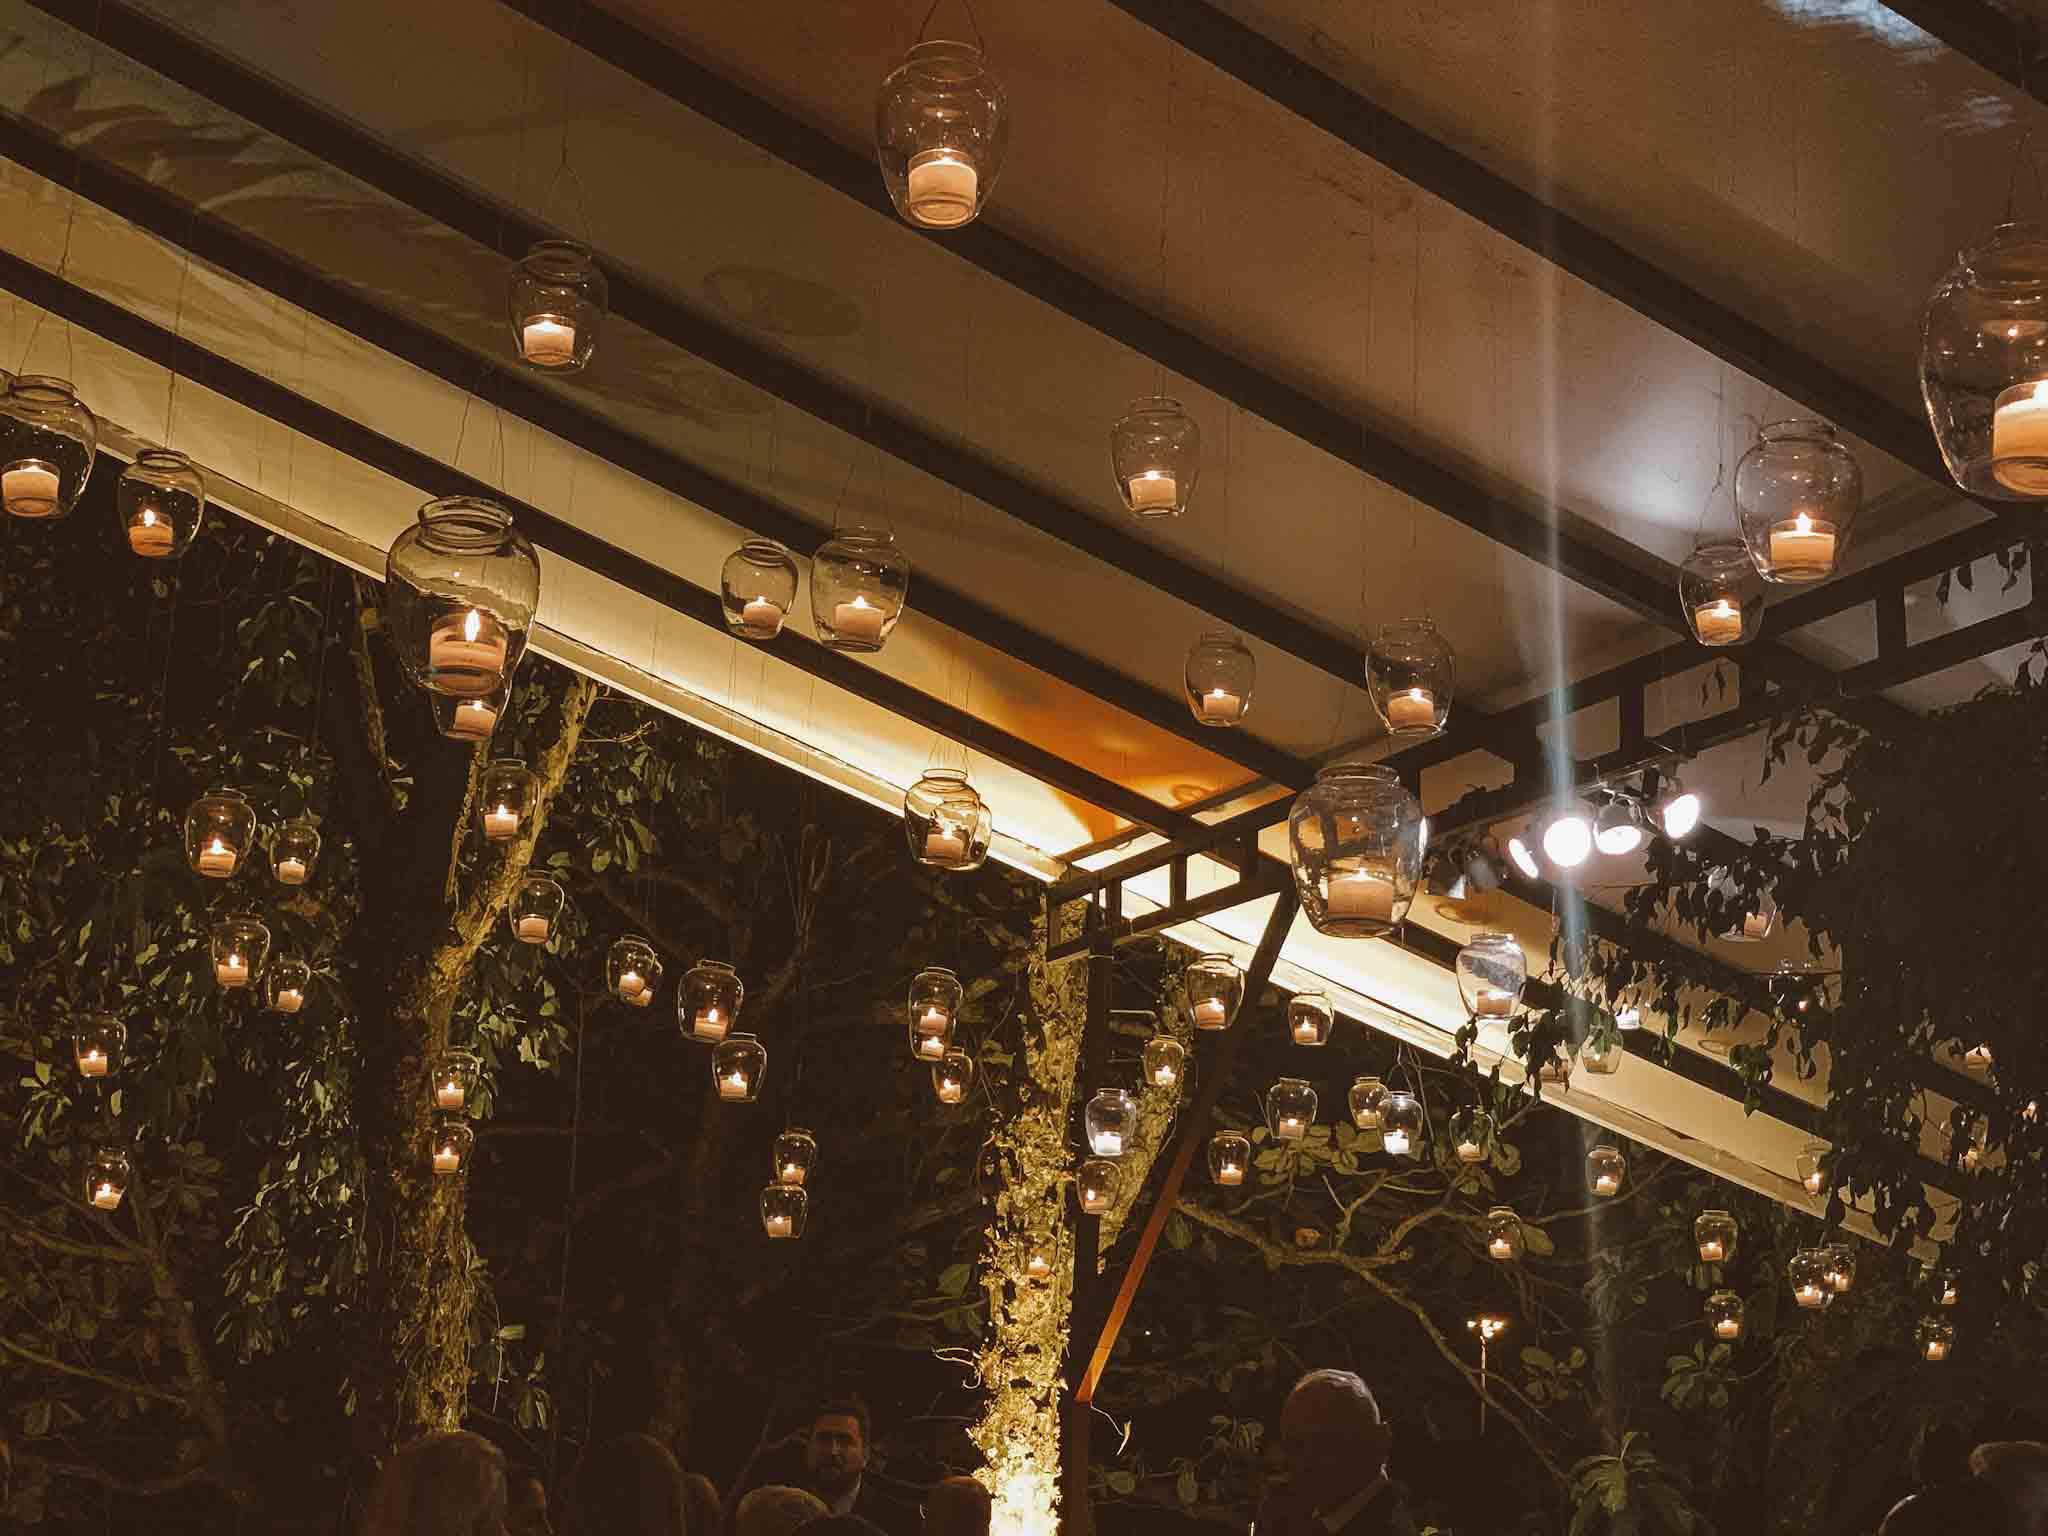 velas-decoracao-teto.jpg